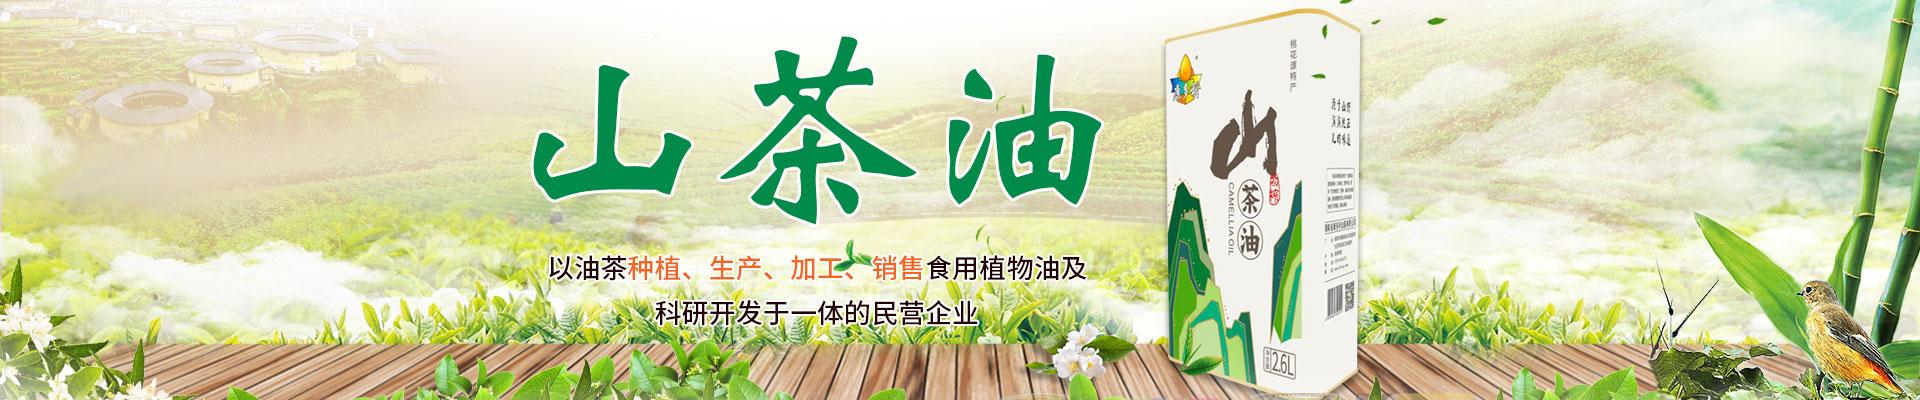 湖南省康beplay体育下载链接油脂有限公司_beplay客户端登录种植生产加工销售|植物油种植生产加工销售